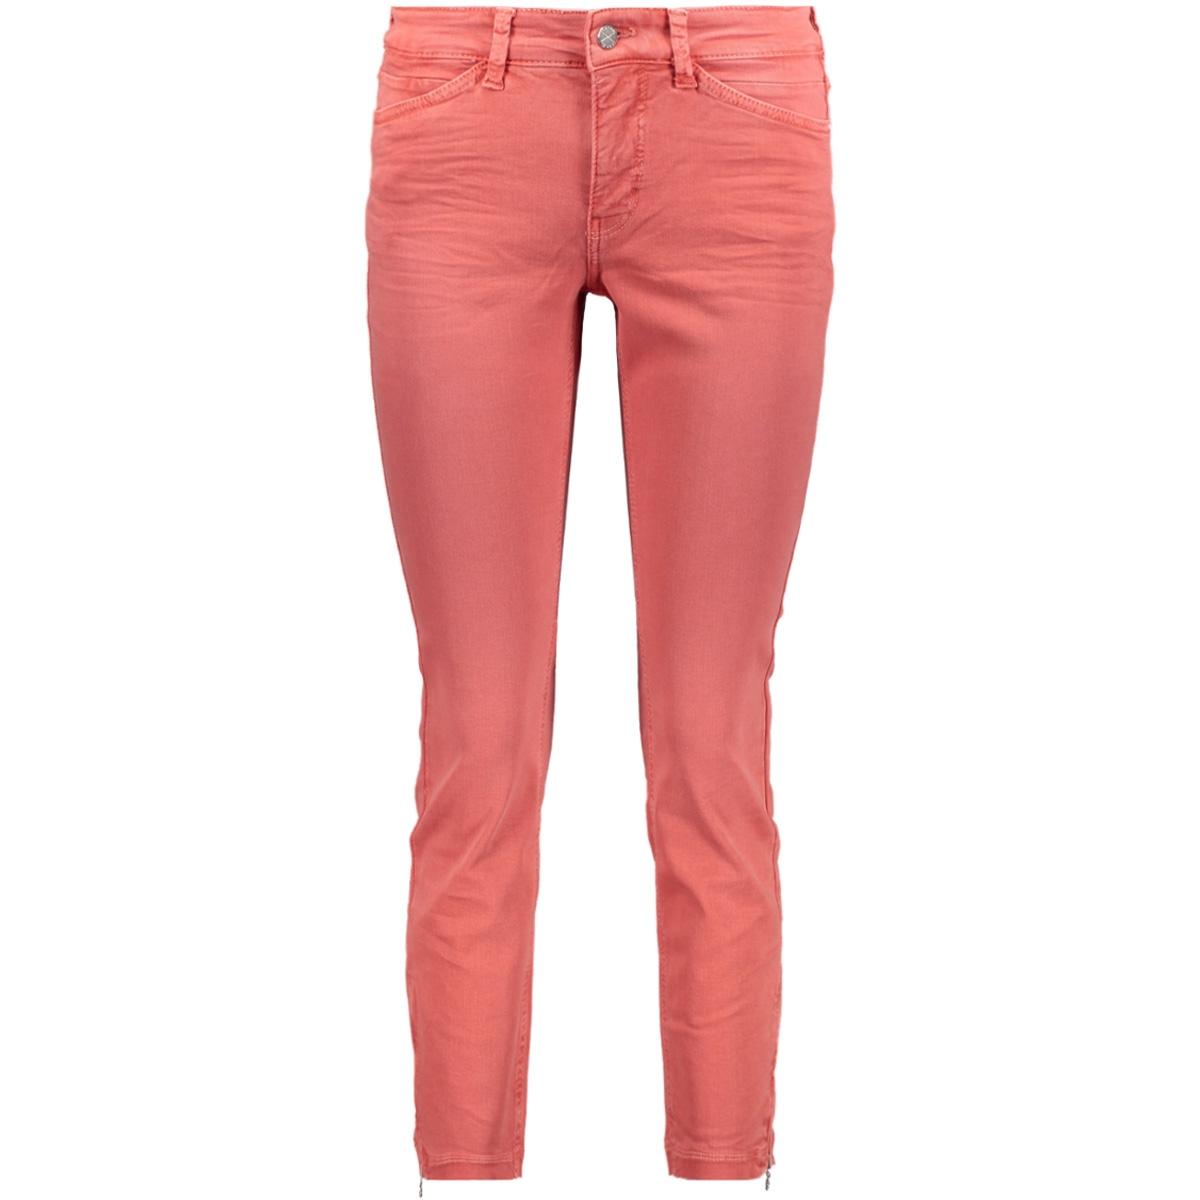 5471 00 0355l mac jeans 446w